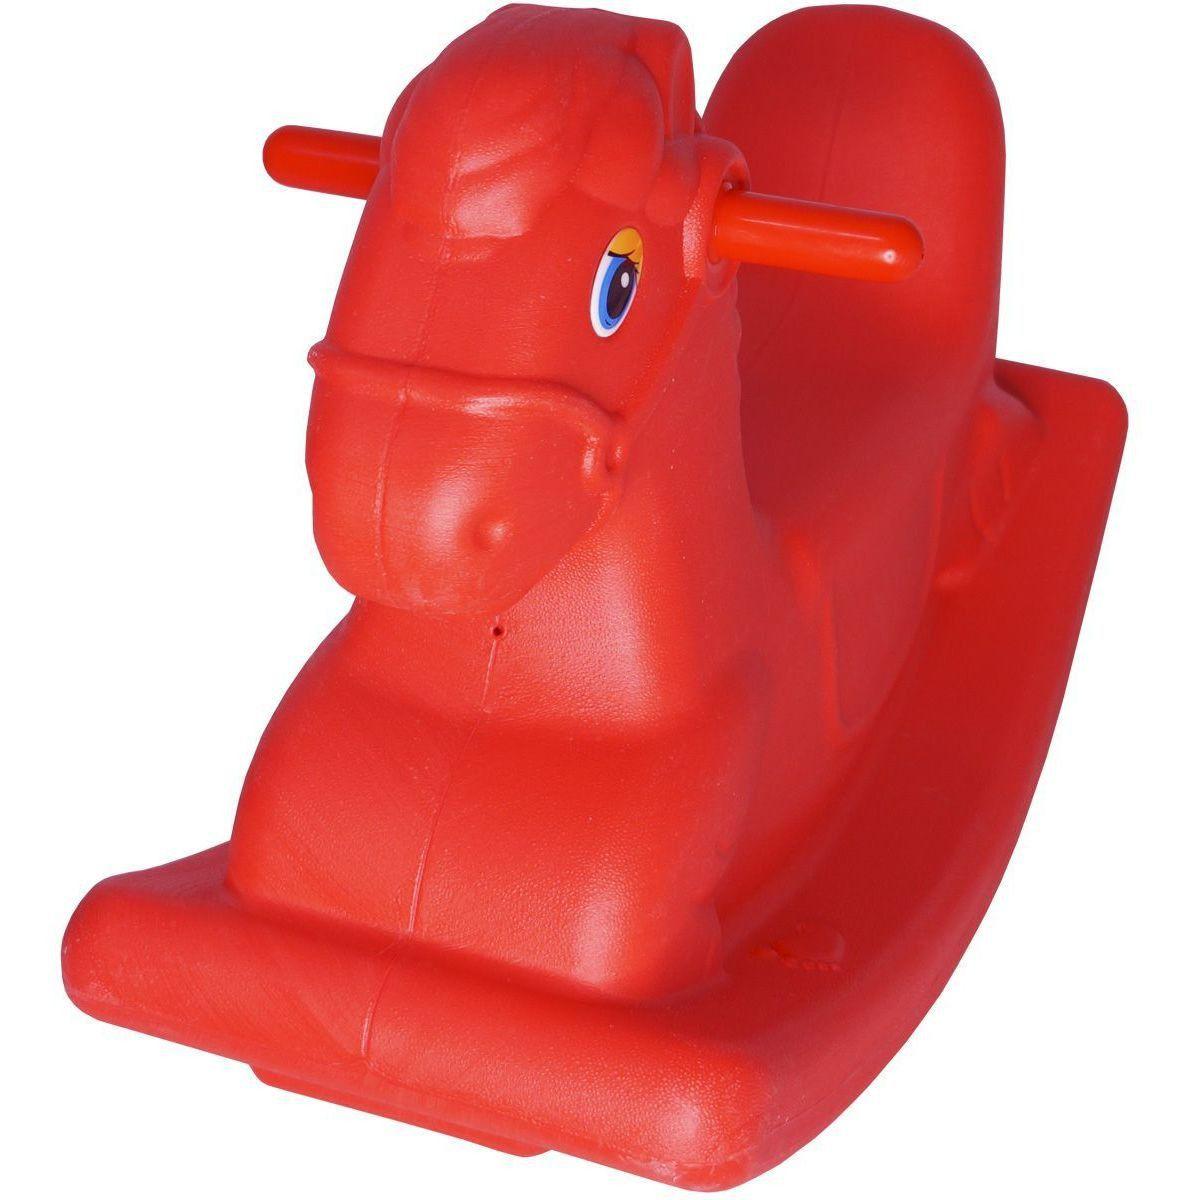 Gangorra Cavalinho Infantil Balanço Brinquedo Playground Importado